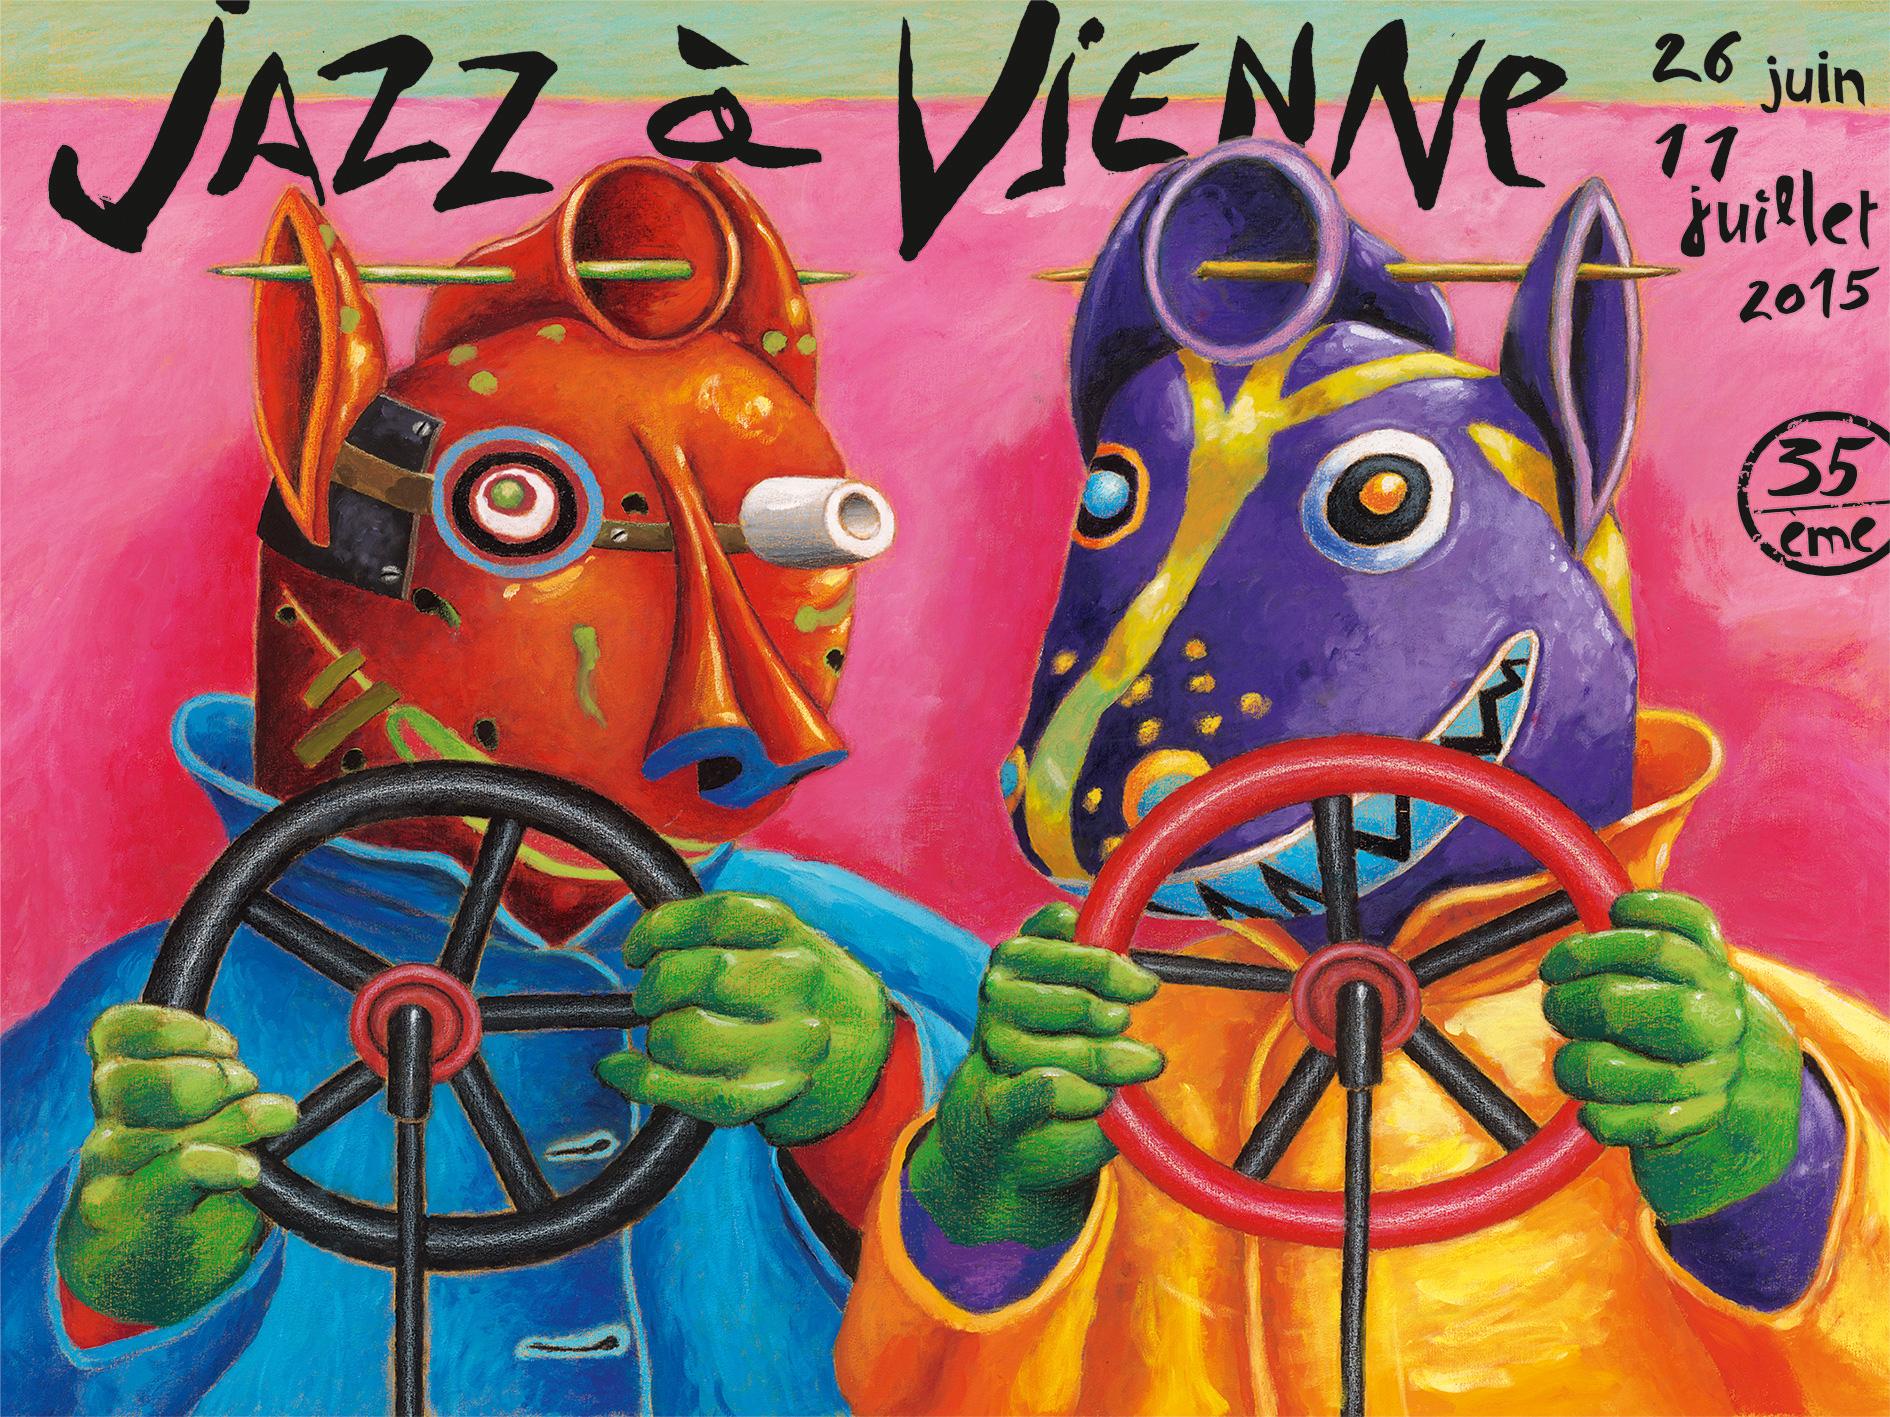 Jazzavienne 2015 affiche xl